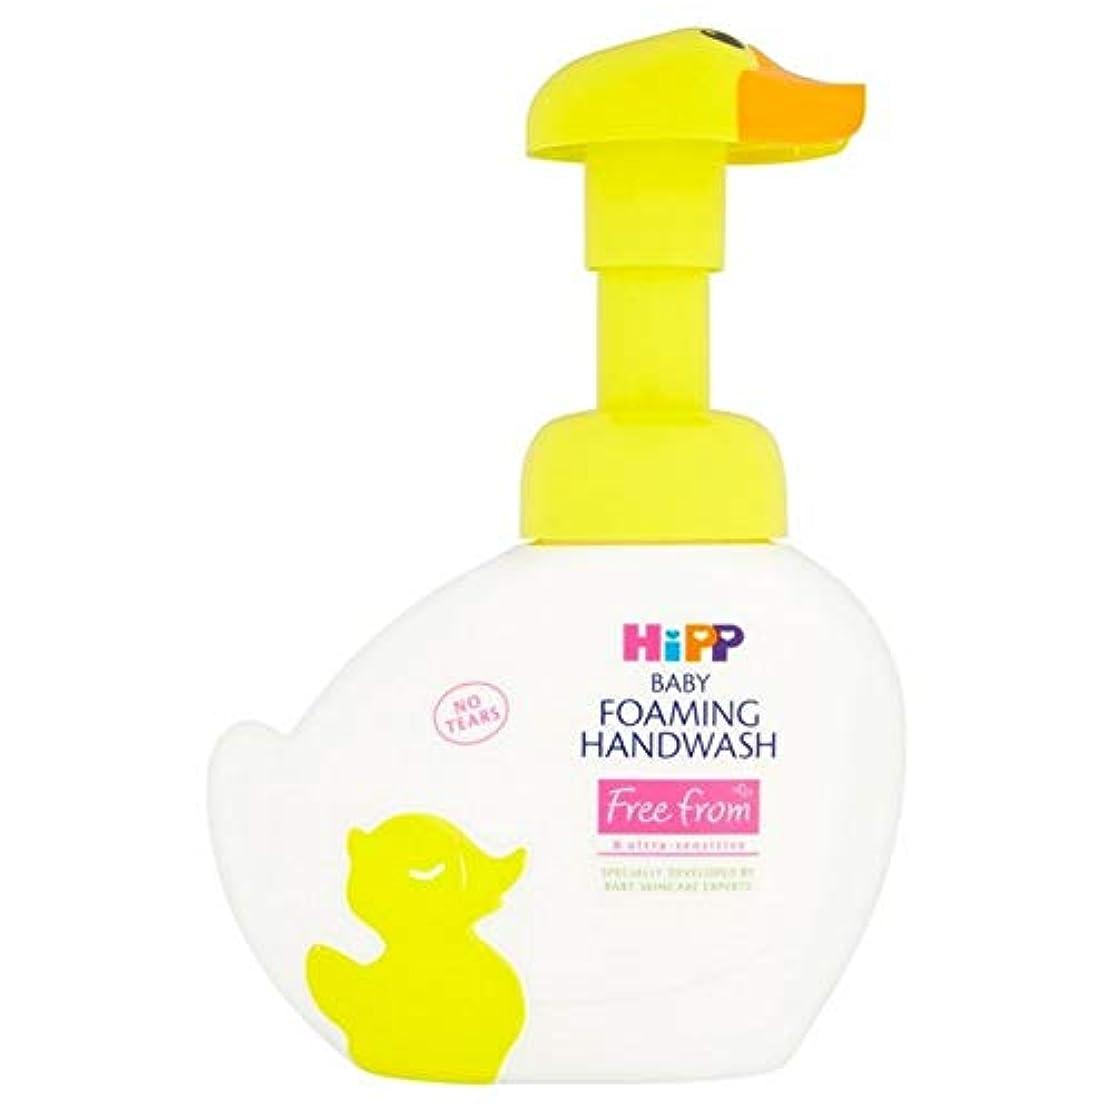 避難するラリーステージ[Hipp ] ヒップアヒル発泡手洗いの250ミリリットル - HiPP Duck Foaming Handwash 250ml [並行輸入品]